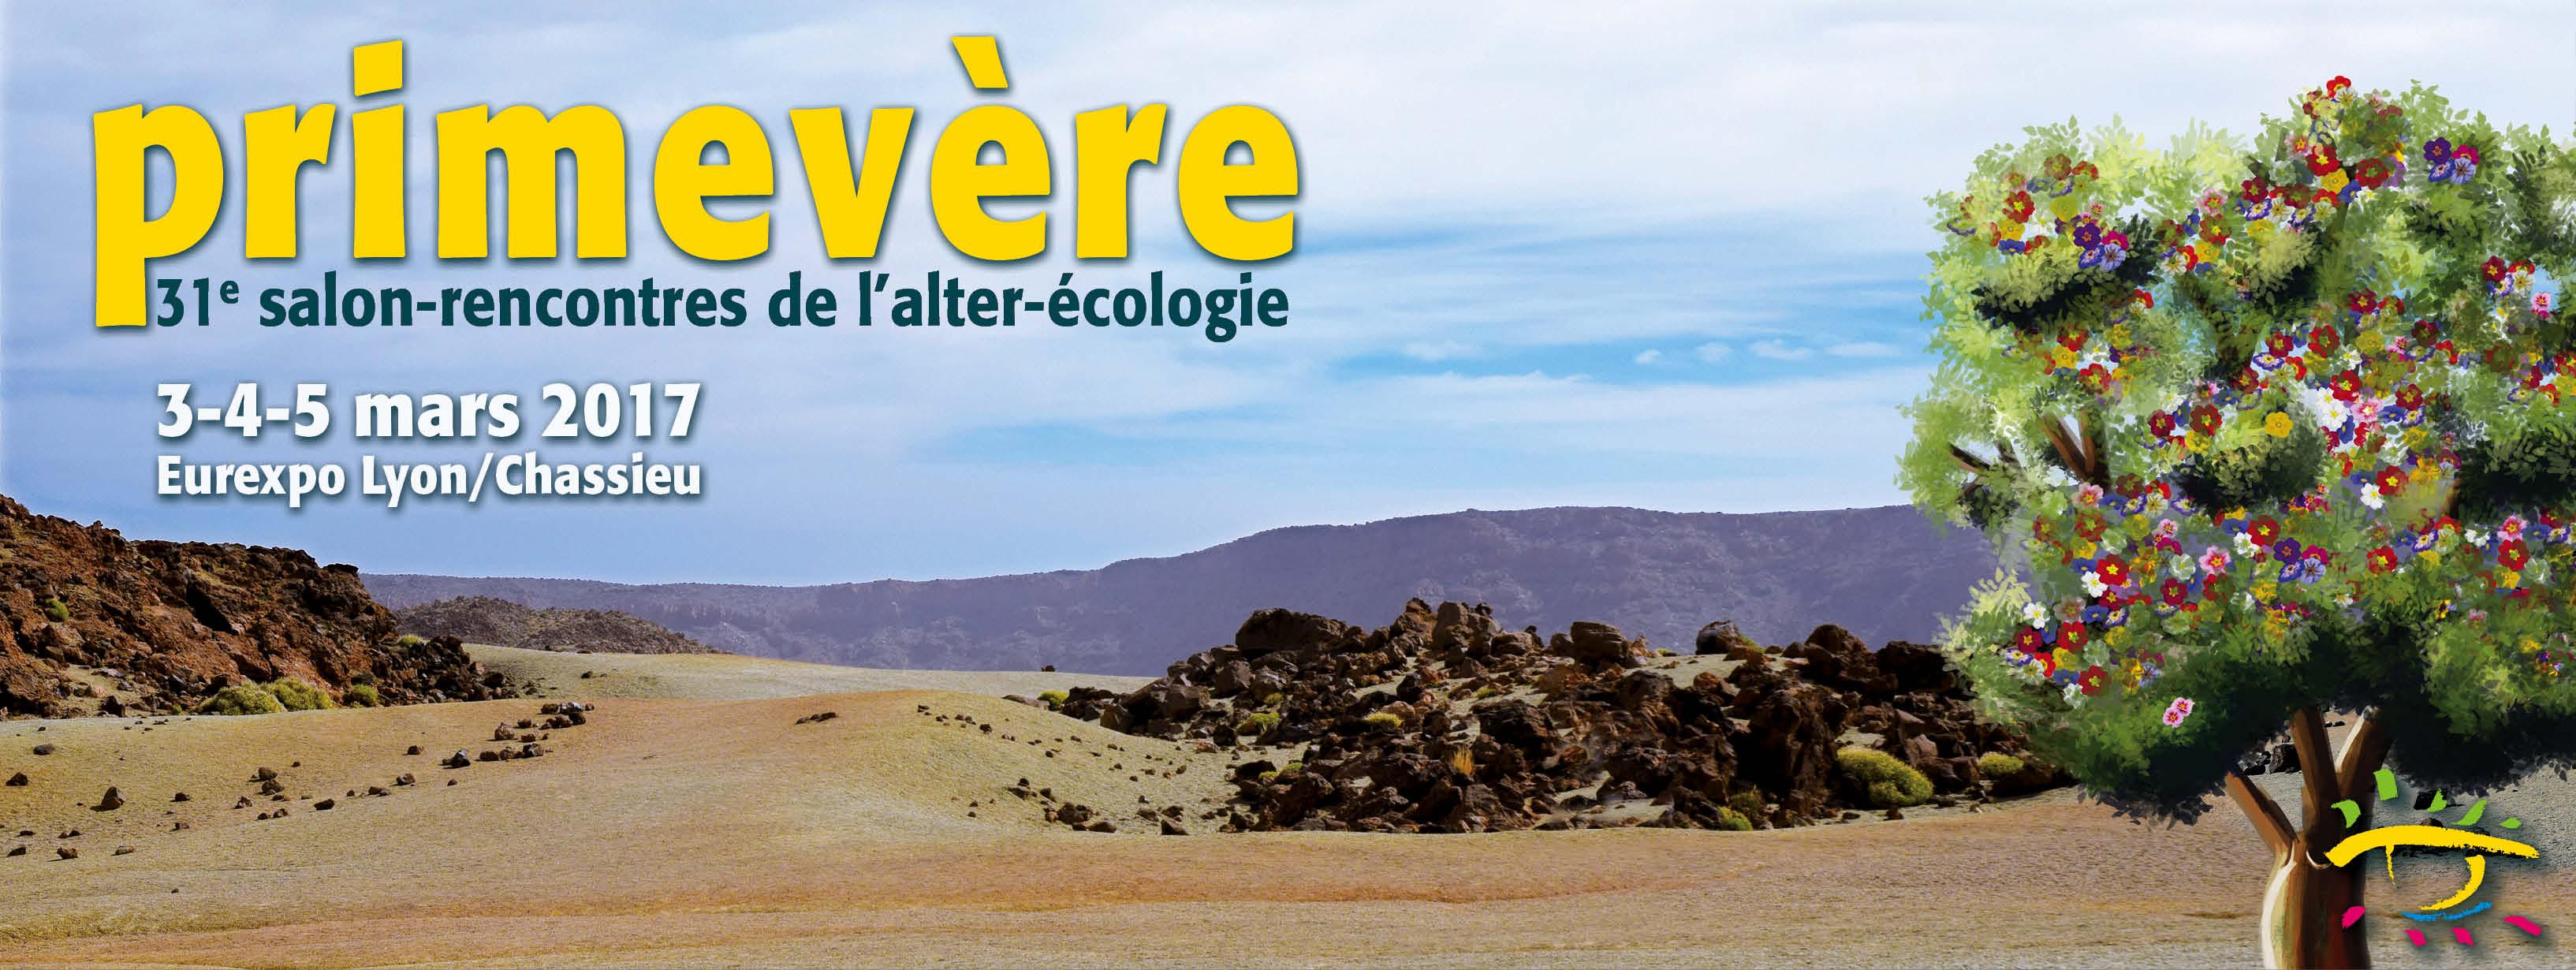 Site de rencontre ecologie